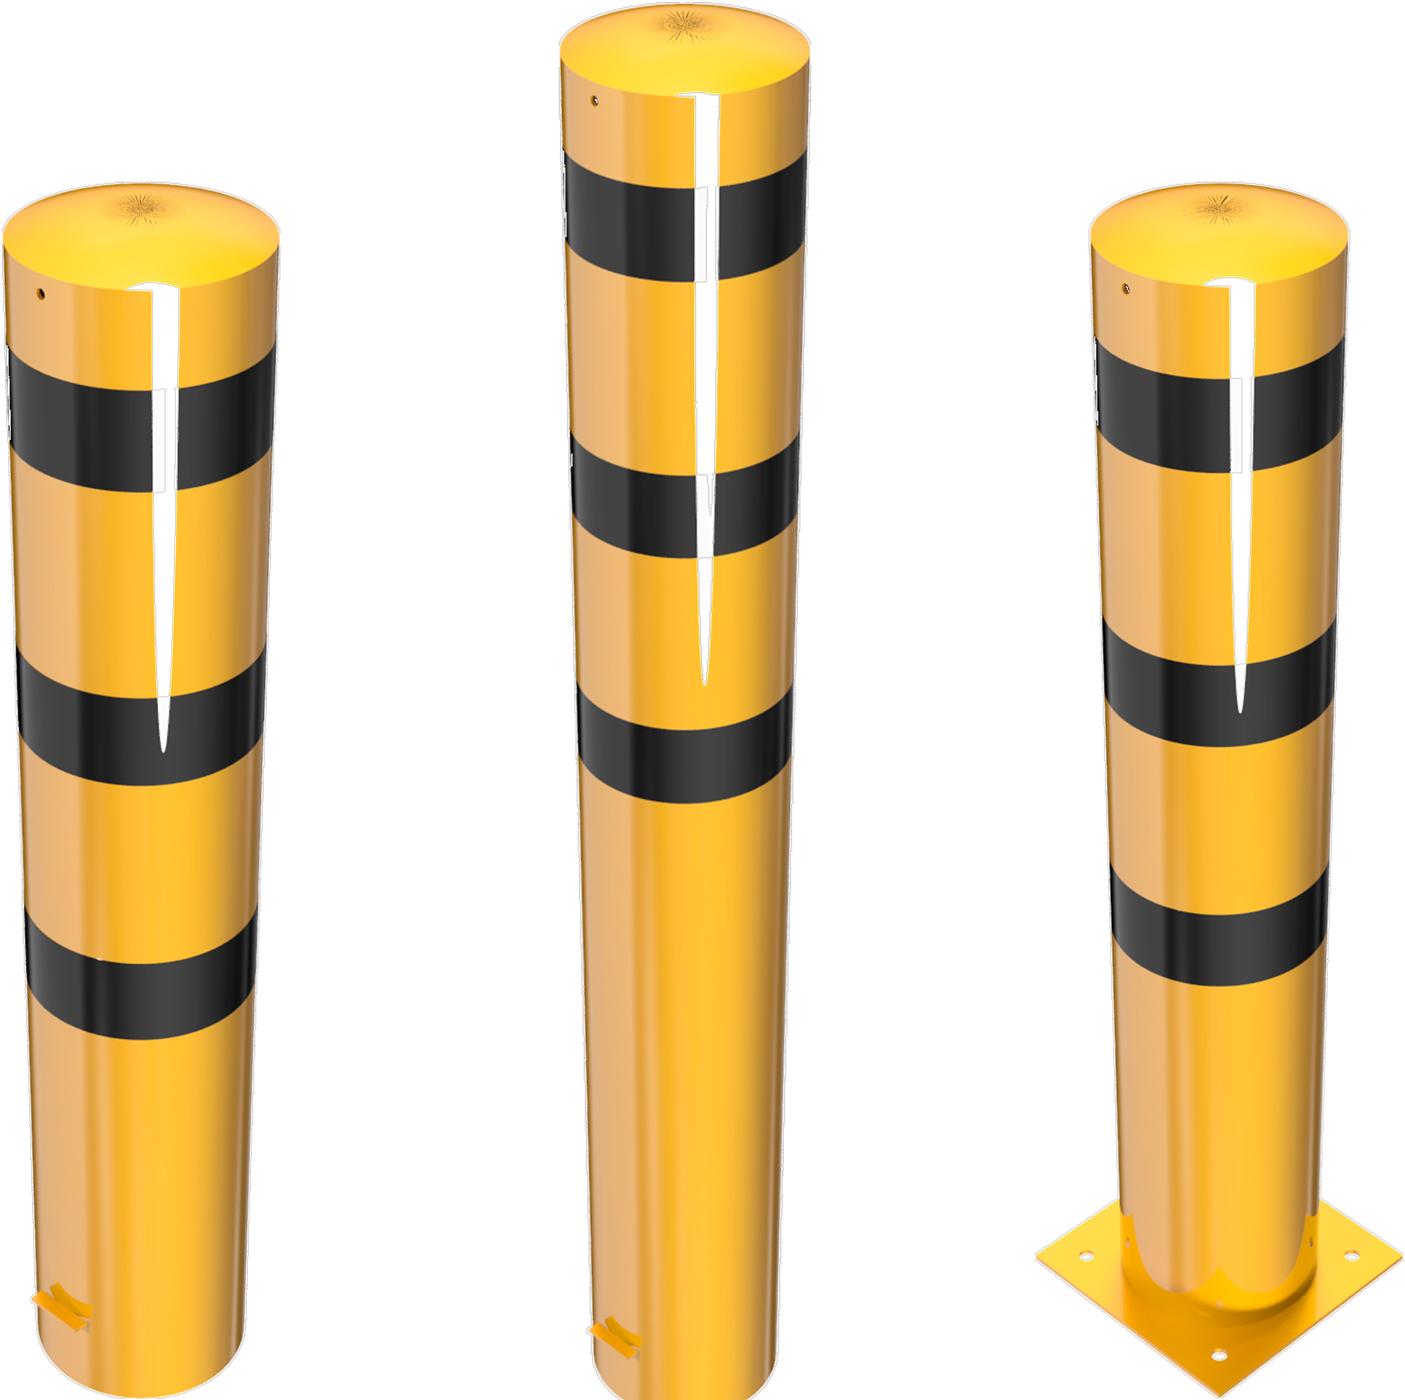 Schake Stahlrohrpoller Ø 273 mm gelb   schwarz